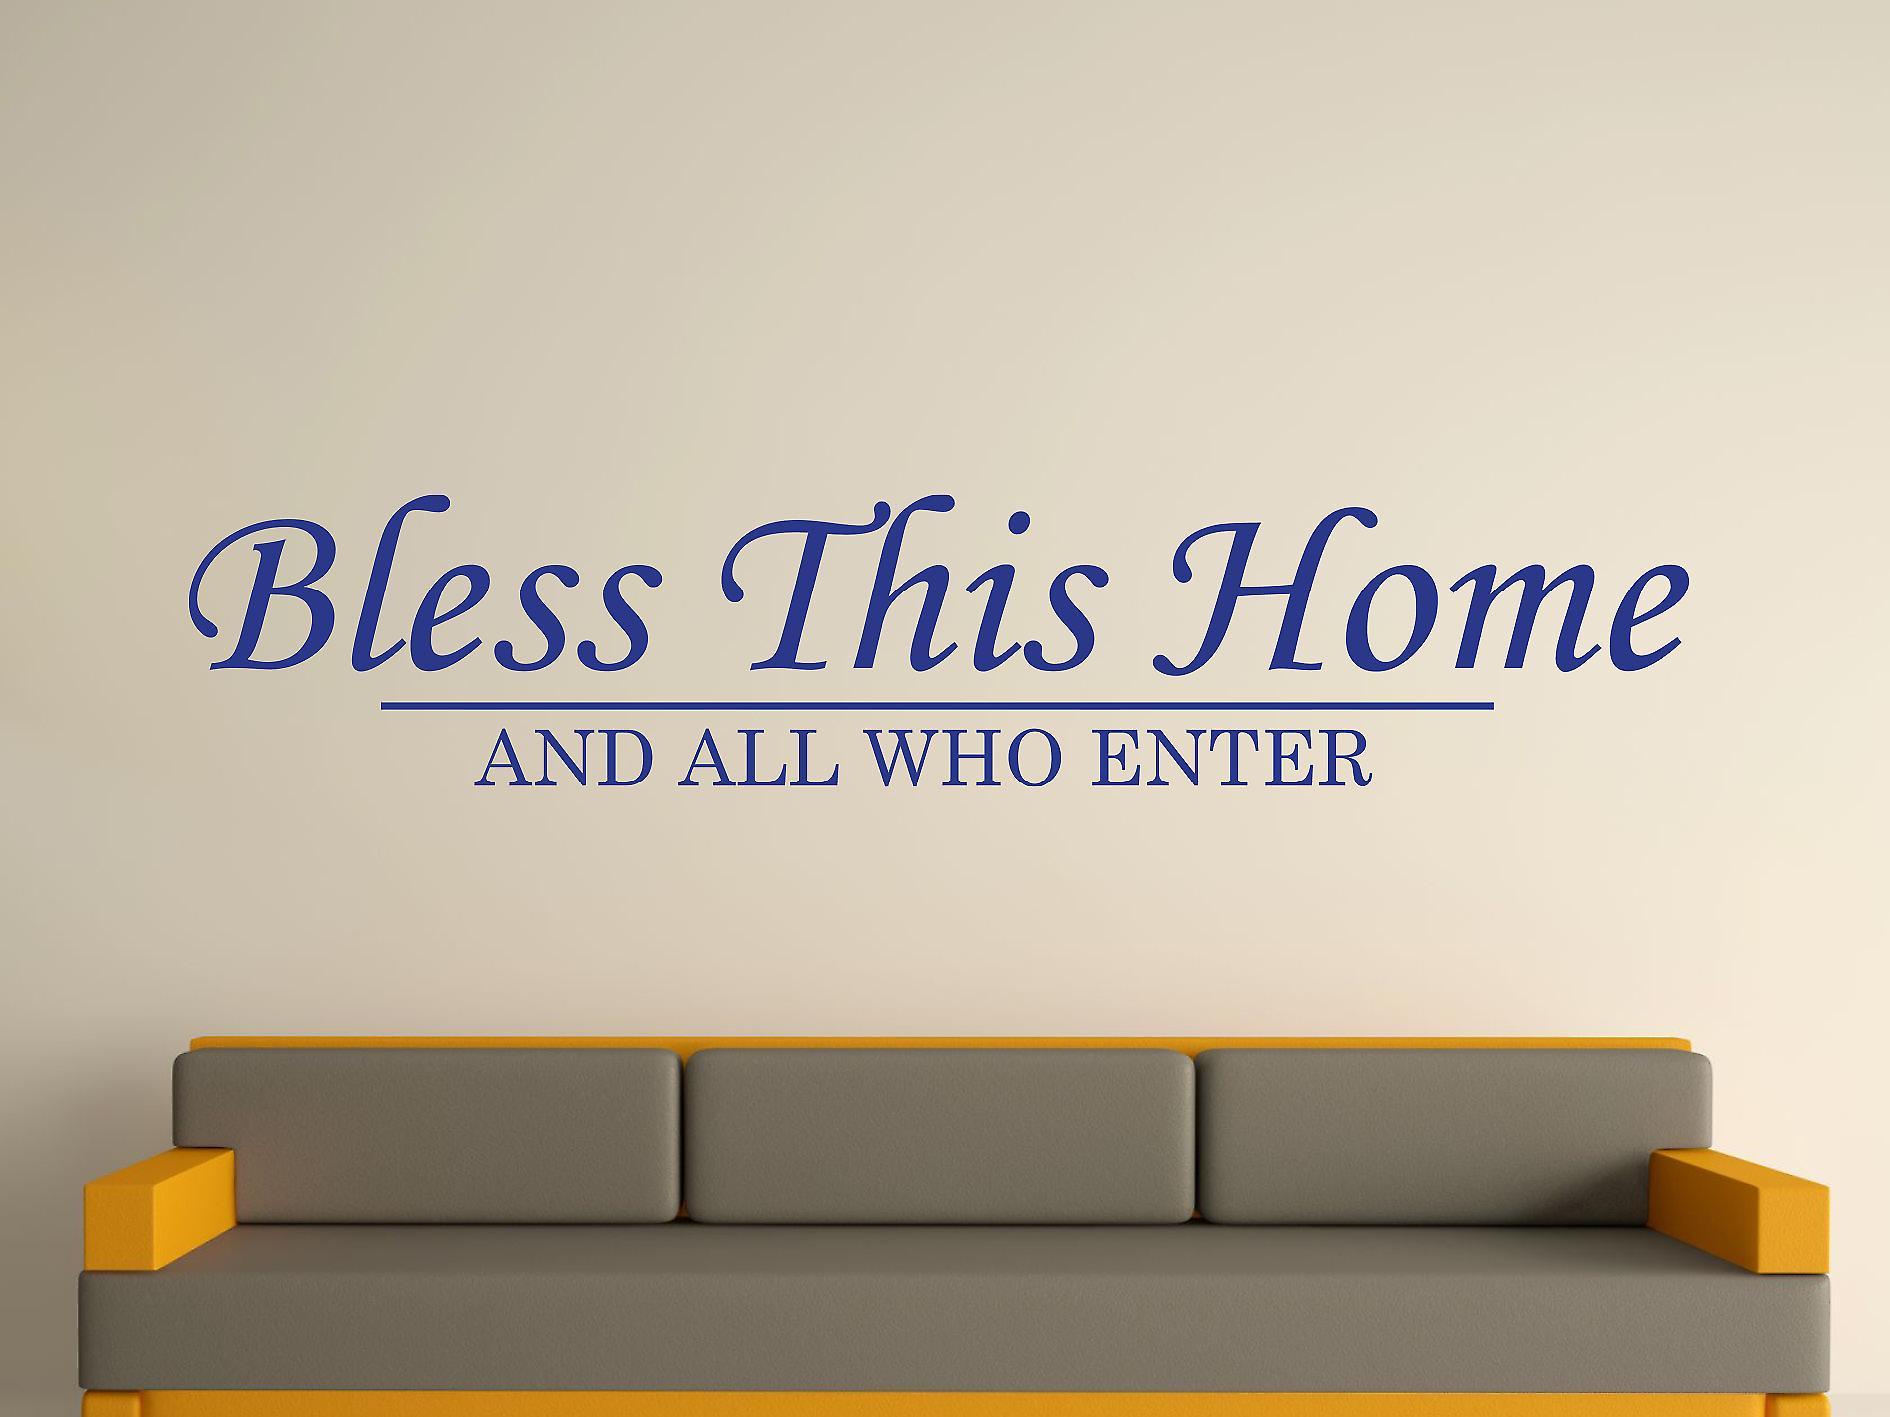 Välsigna detta hem vägg konst klistermärke - mörk blå